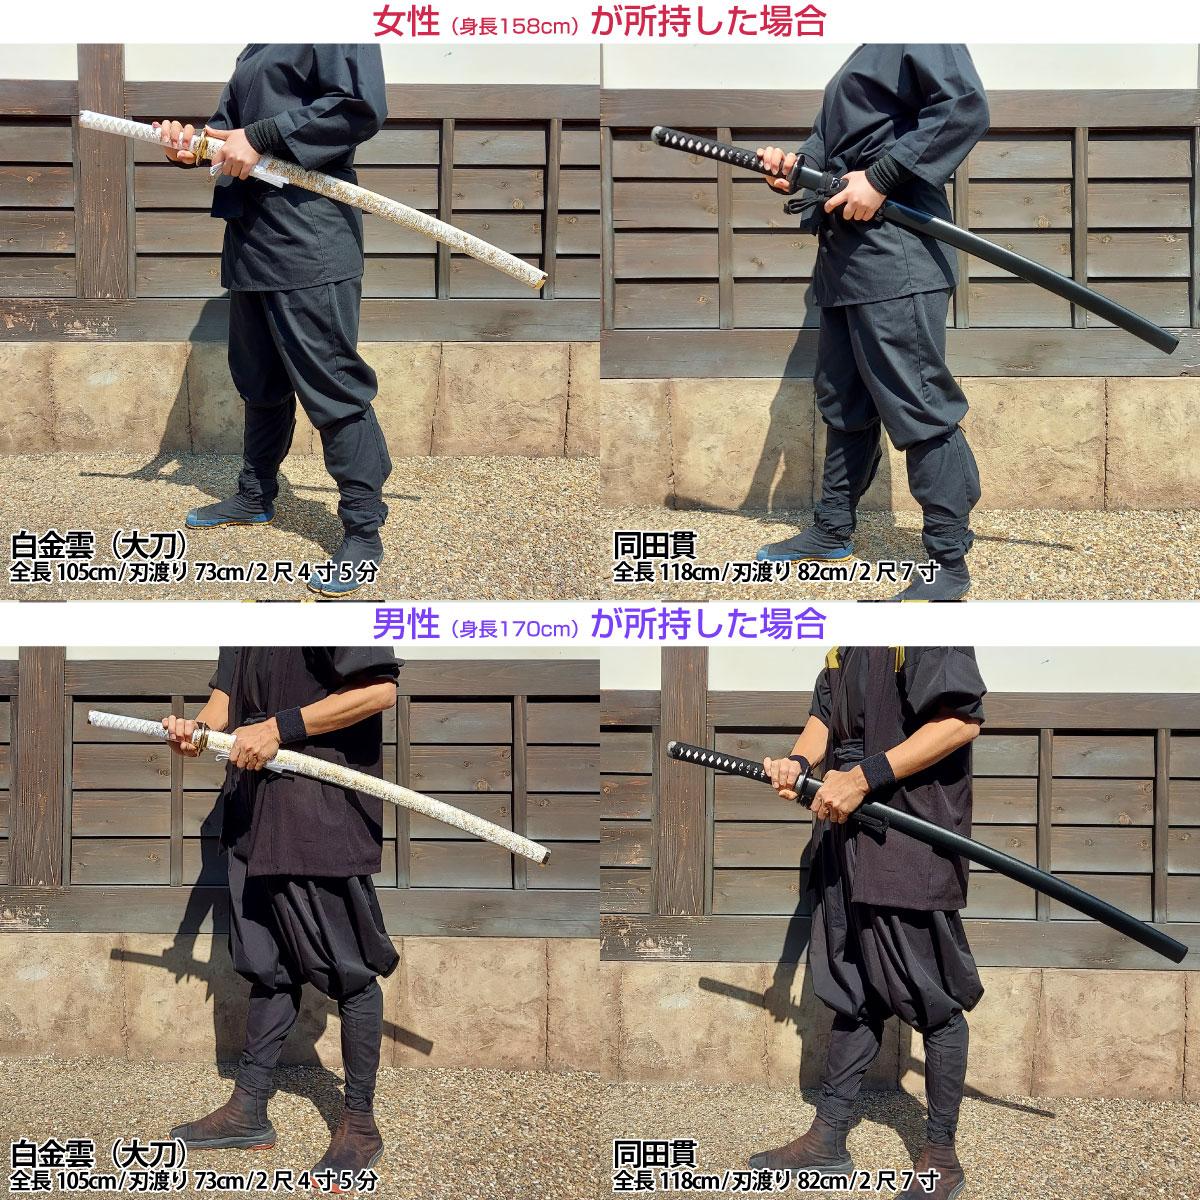 高級居合刀 薩摩拵え 逆反柄(刀袋付き)